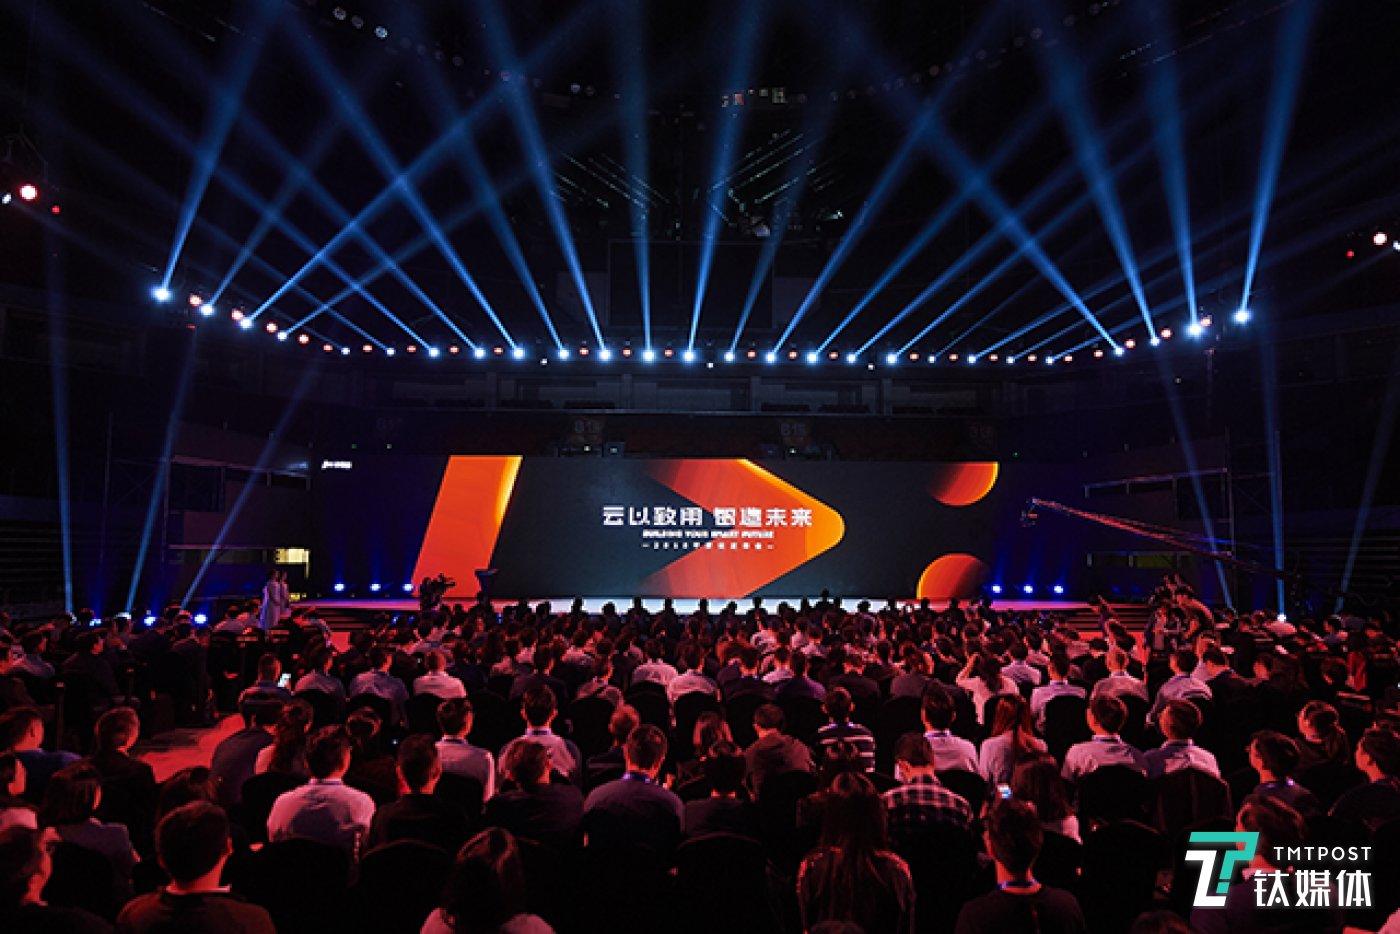 平安云宣布战略升级,并对外提供服务